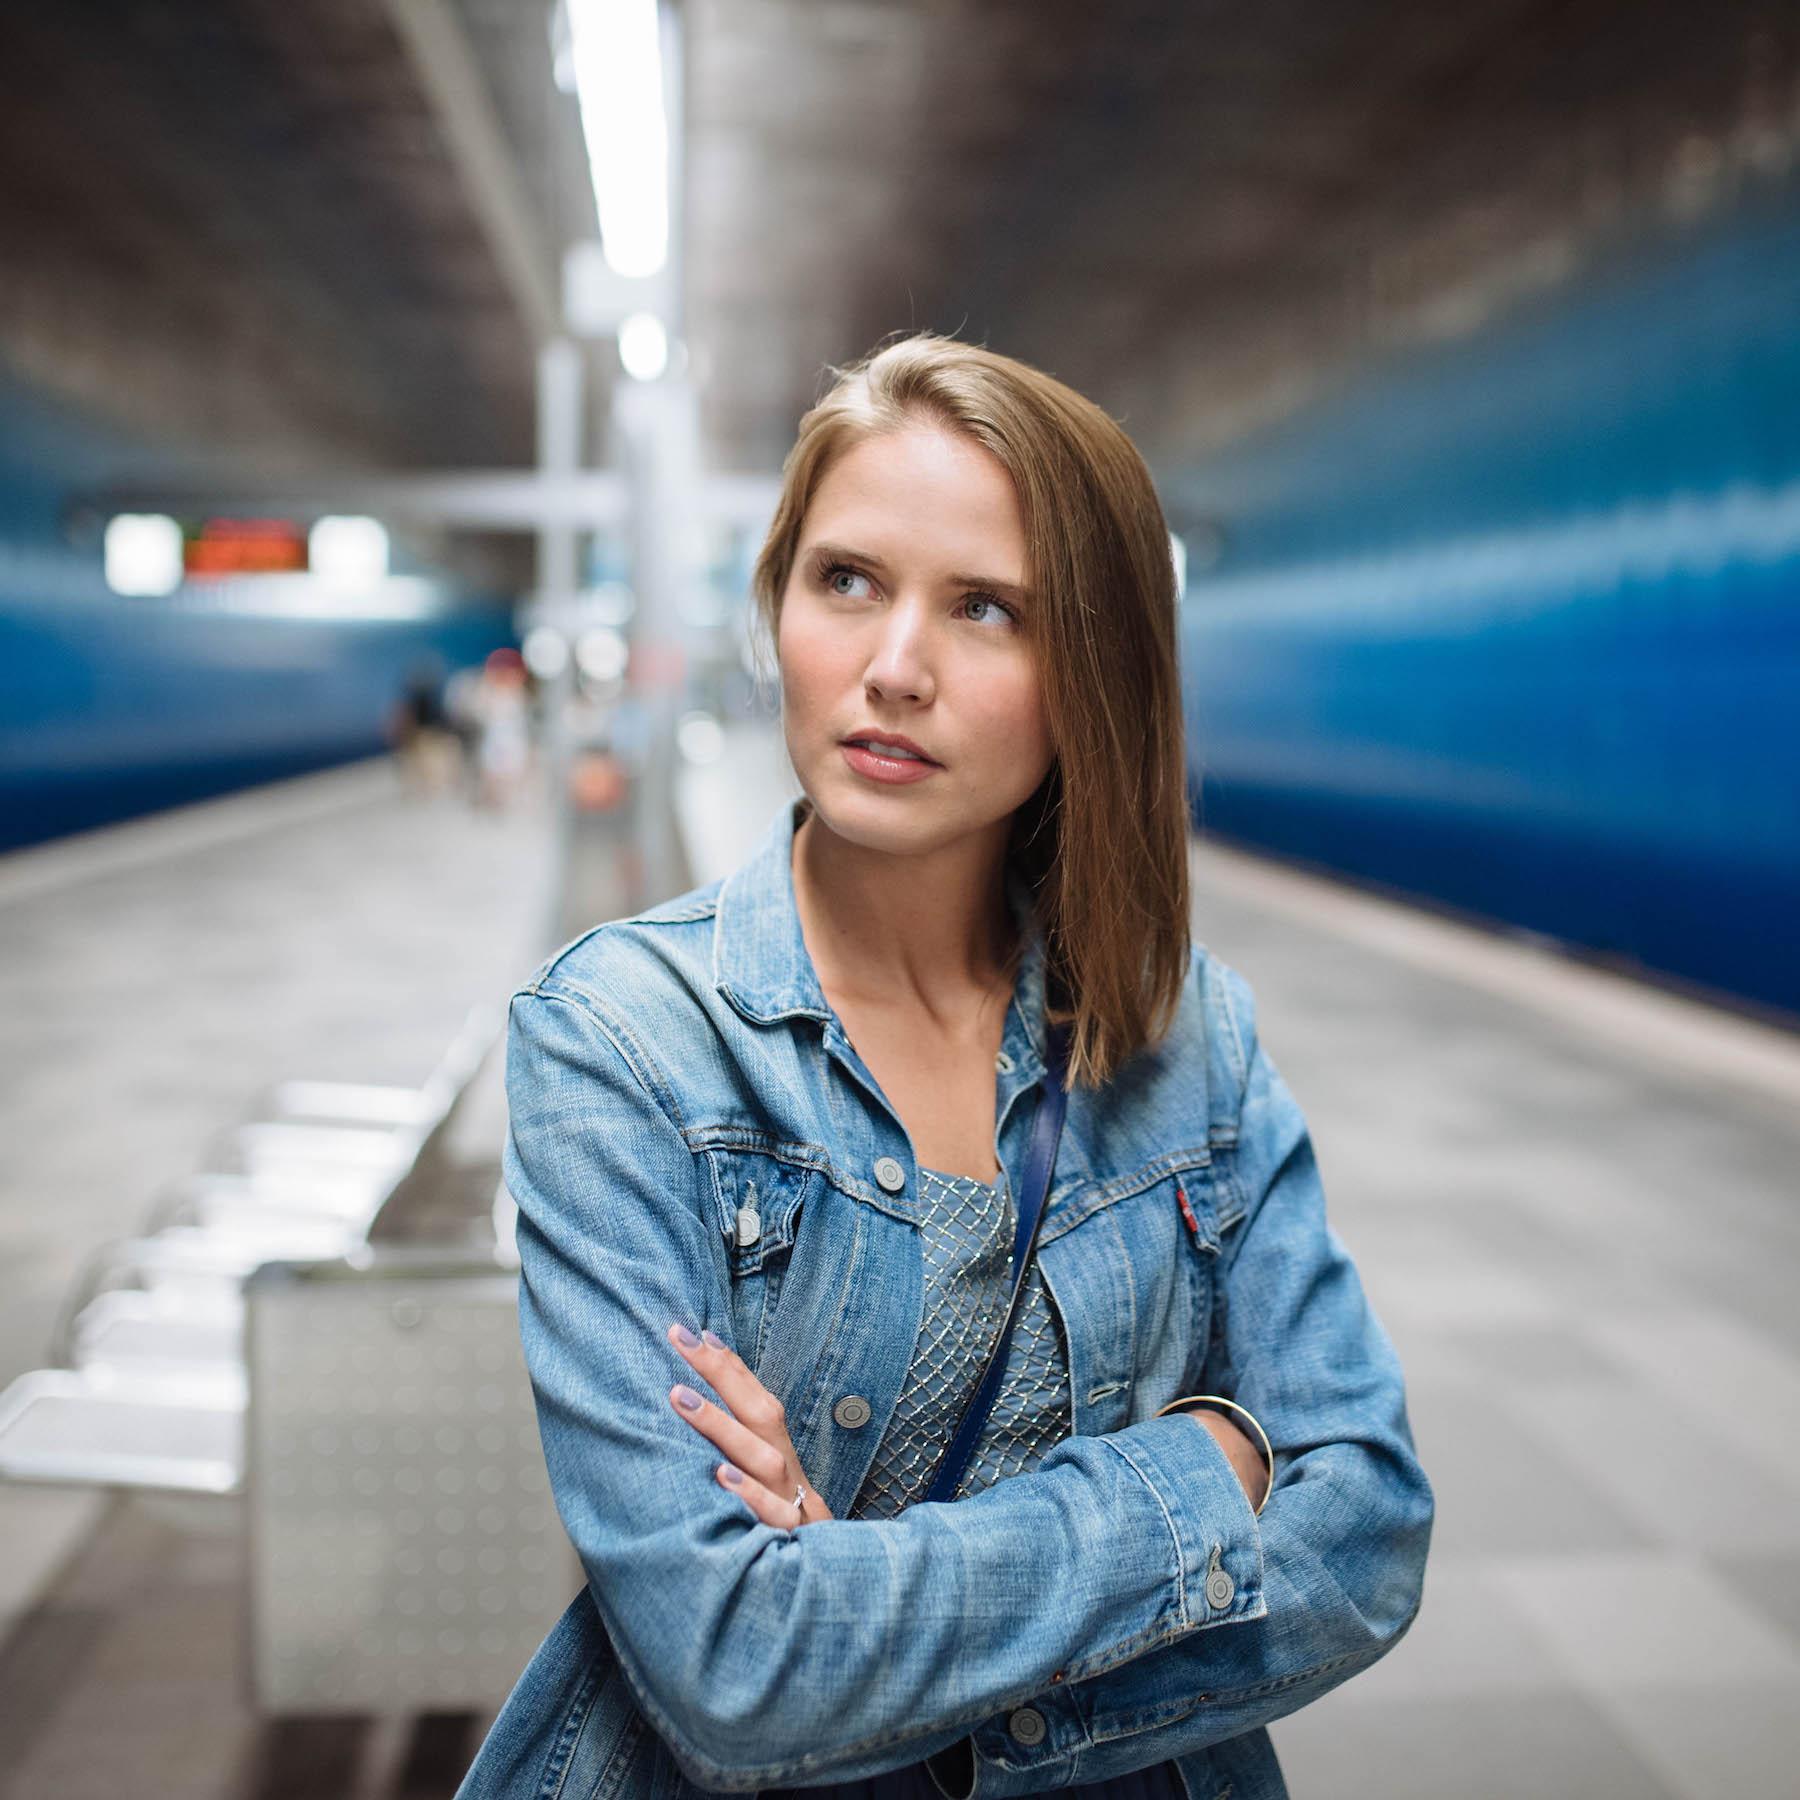 me too sexuelle belästigung suelovesnyc_susan_fengler_blog_me_too_sexuelle_belastigung_sexuelle_belaestigung